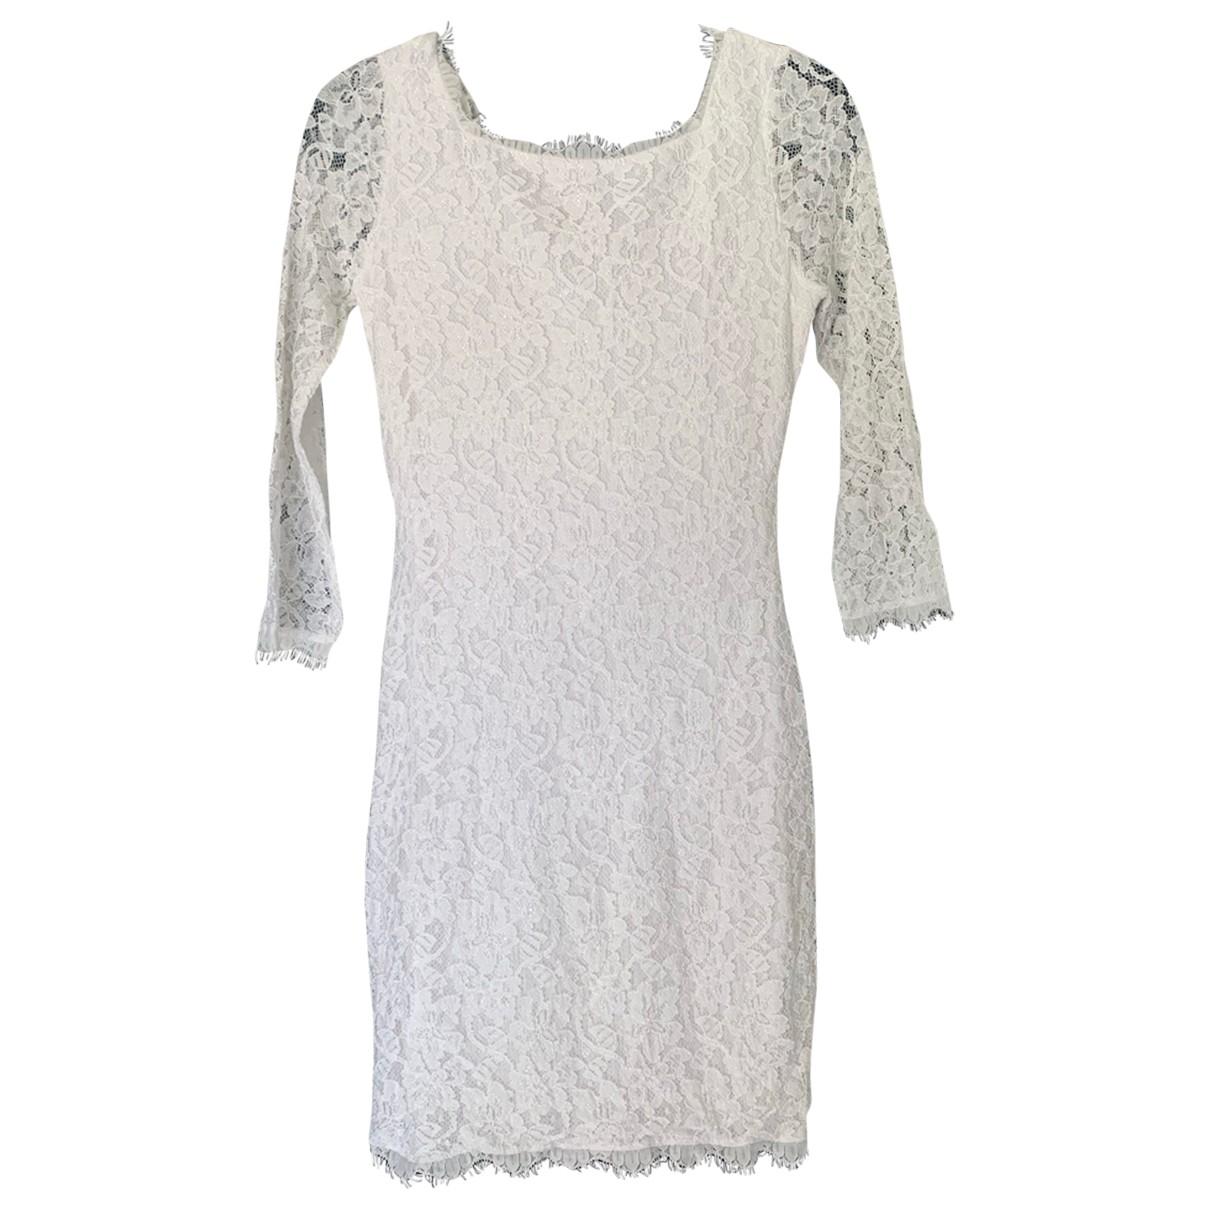 Diane Von Furstenberg \N White Lace dress for Women 6 US